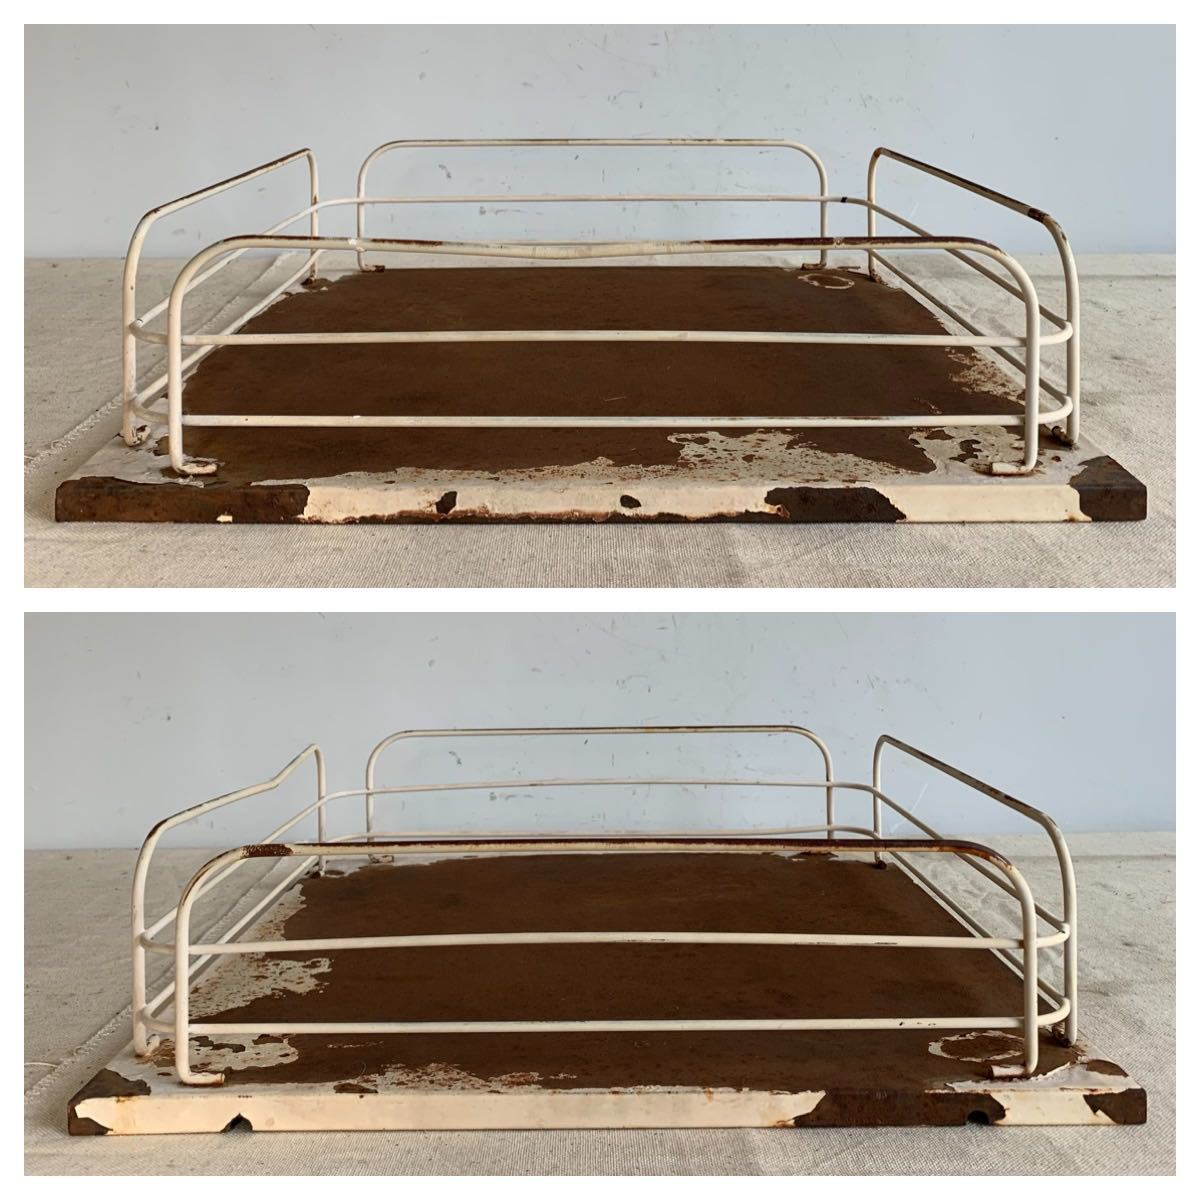 デザインが素敵な鉄製展示台 アイアンインテリアディスプレイ古道具シャビーアンティークビンテージインダストリアル工業系店舗什器陳列棚_画像2